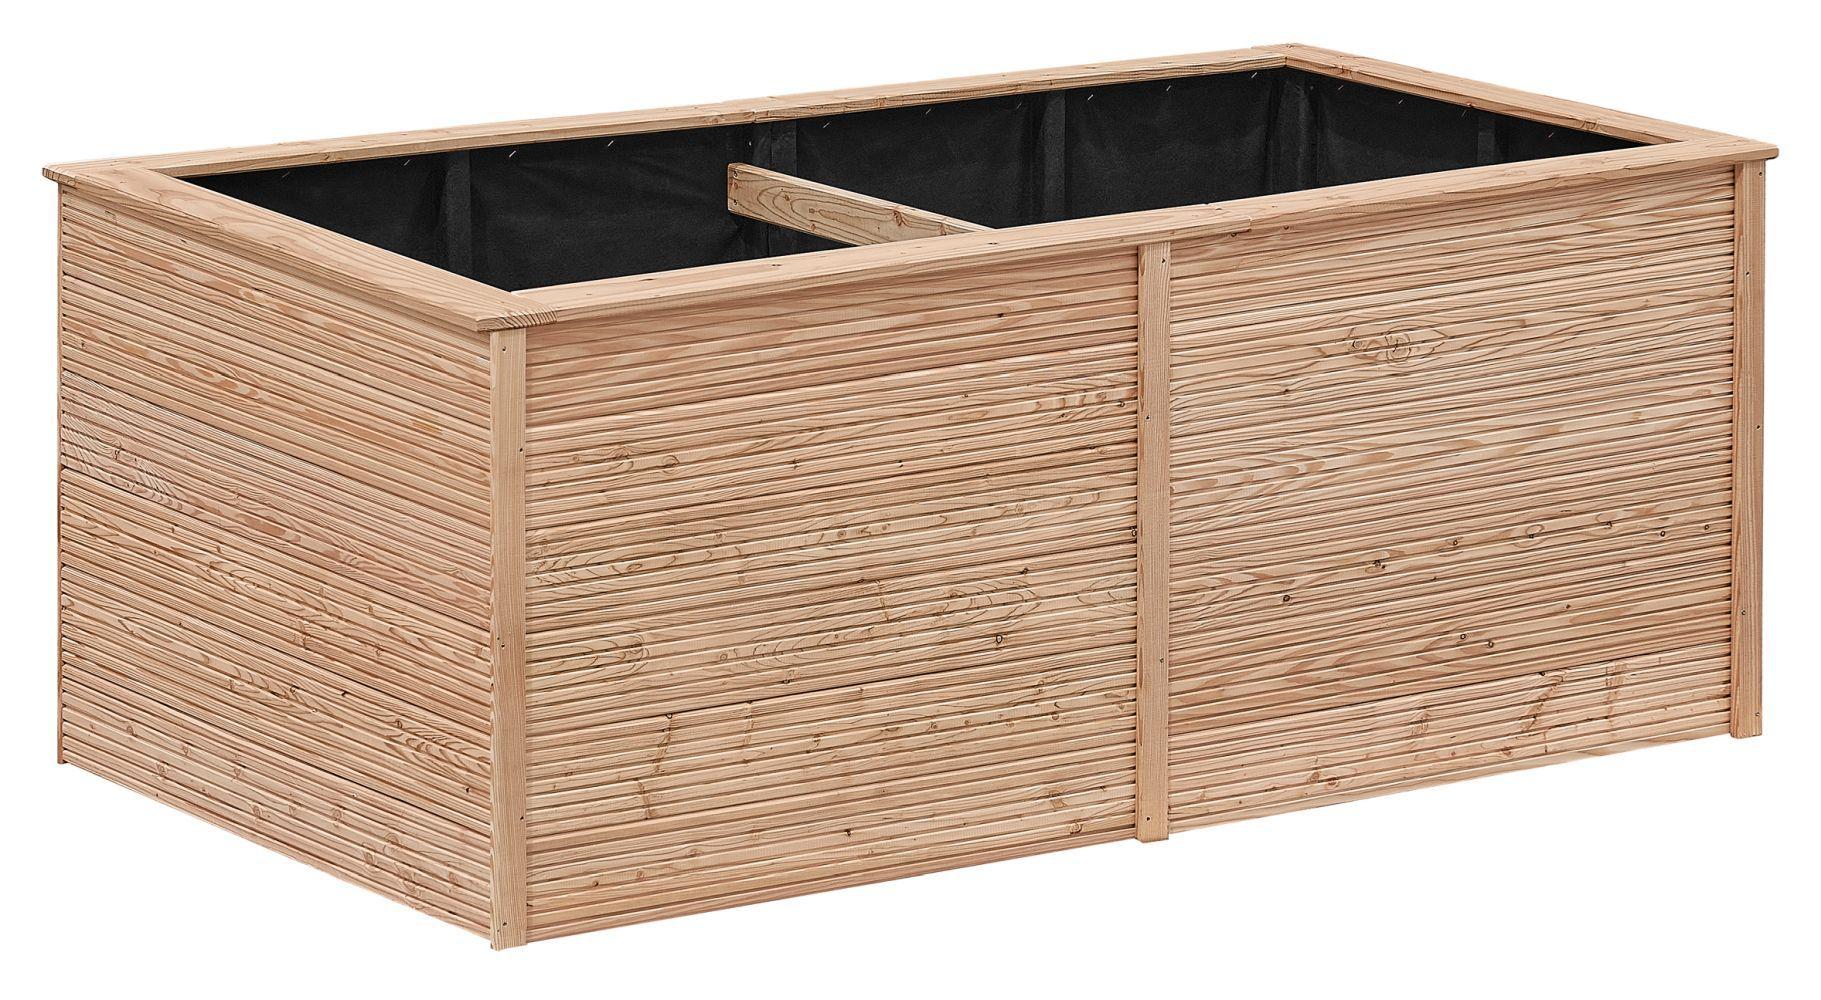 Hochbeet 01 - aus LÄRCHENHOLZ, FSC® - Abmessungen: 206 x 103 x 86 cm (B x T x H)